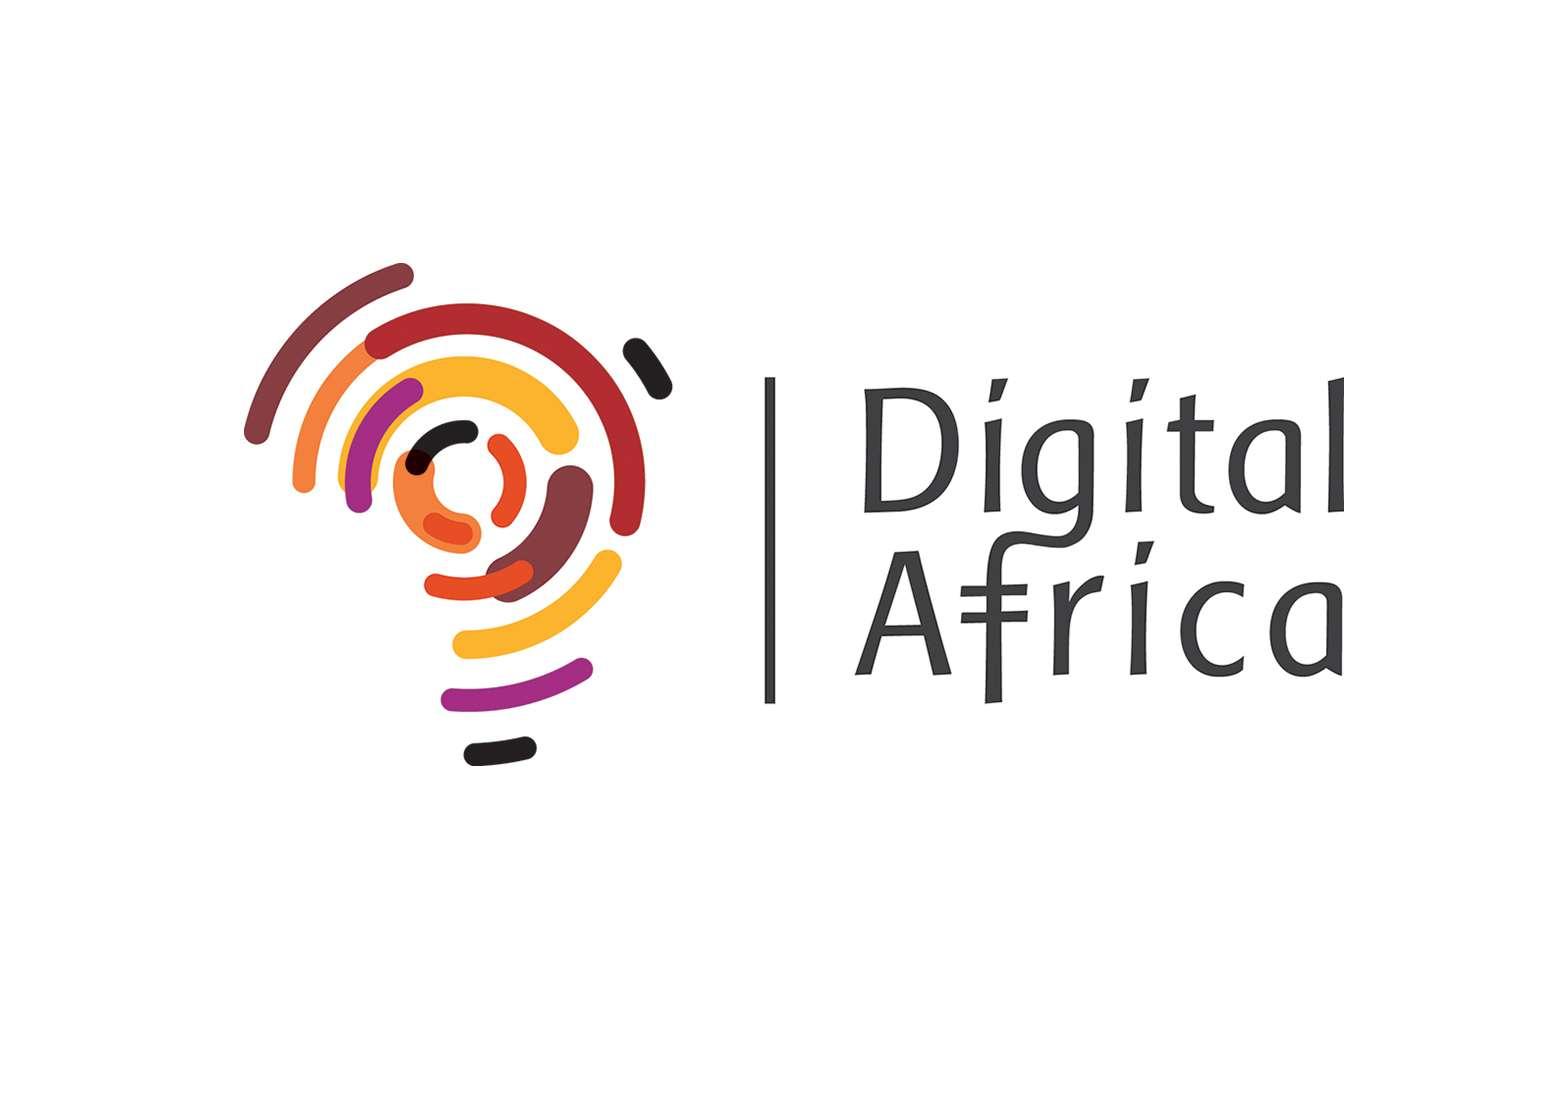 [Digital Business Africa] – A l'issue de l'assemblée générale de l'association Digital Africa qui s'est tenue hier, 07 mai 2021, les deux membres africains du Conseil d'administration de Digital Africa qui y étaient encore ont été débarqués par l'Agence f